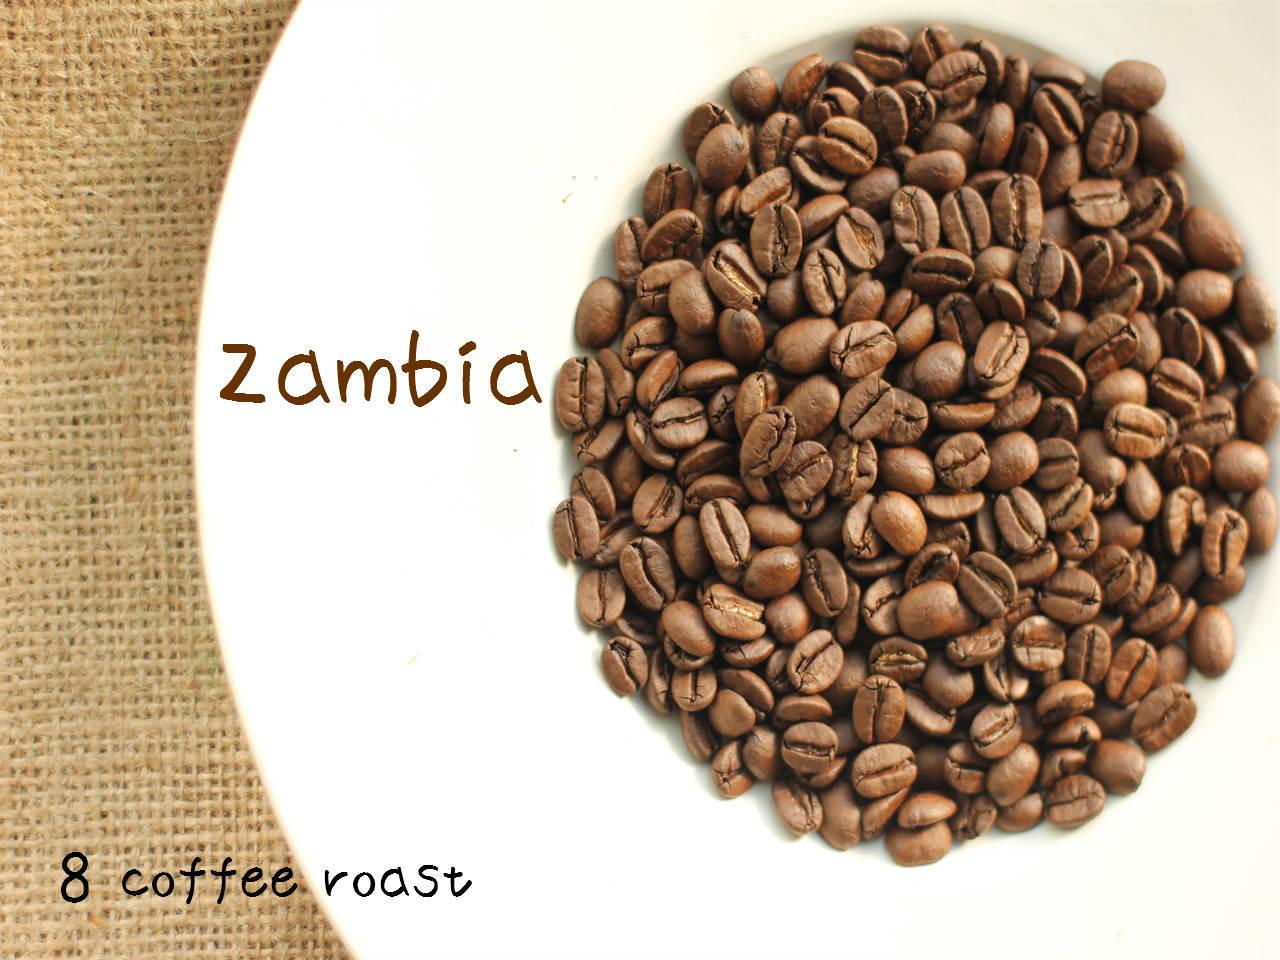 長らくお待たせしました ザンビア 復活 再入荷 ハイクオリティ テラノバ農園 内容量 ギフト プレゼント ご褒美 コーヒー焙煎豆 80g